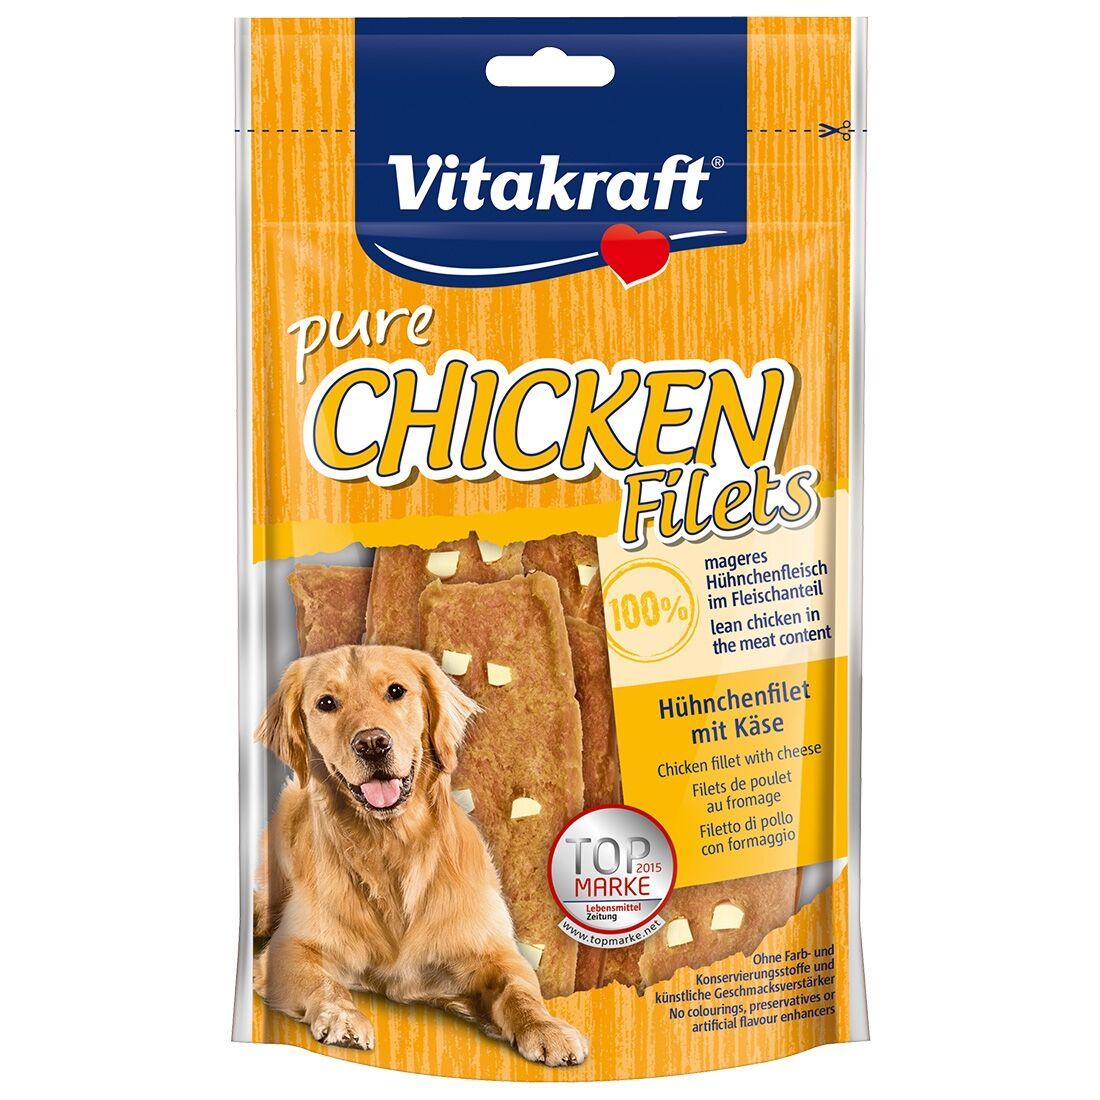 Vitakraft Friandises pour chien Vitakraft Filets de Poulet au fromage Contenance : 80 g